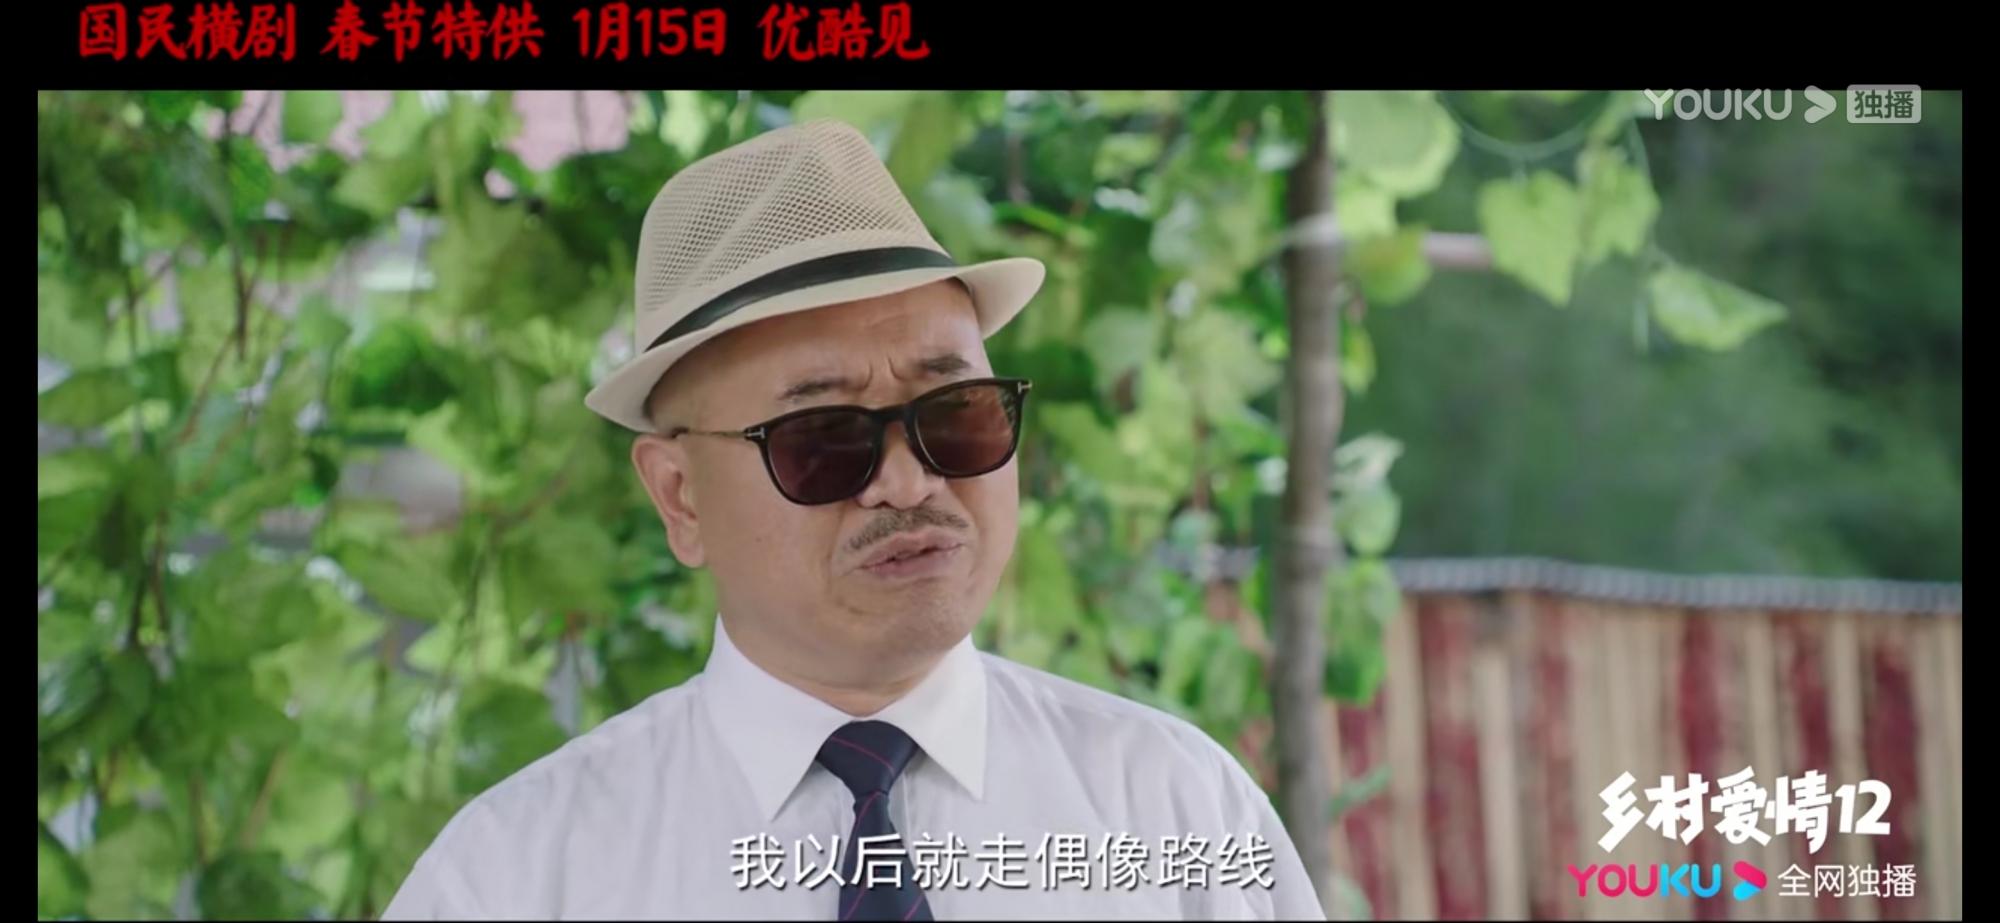 刘能走偶像路线了.jpg